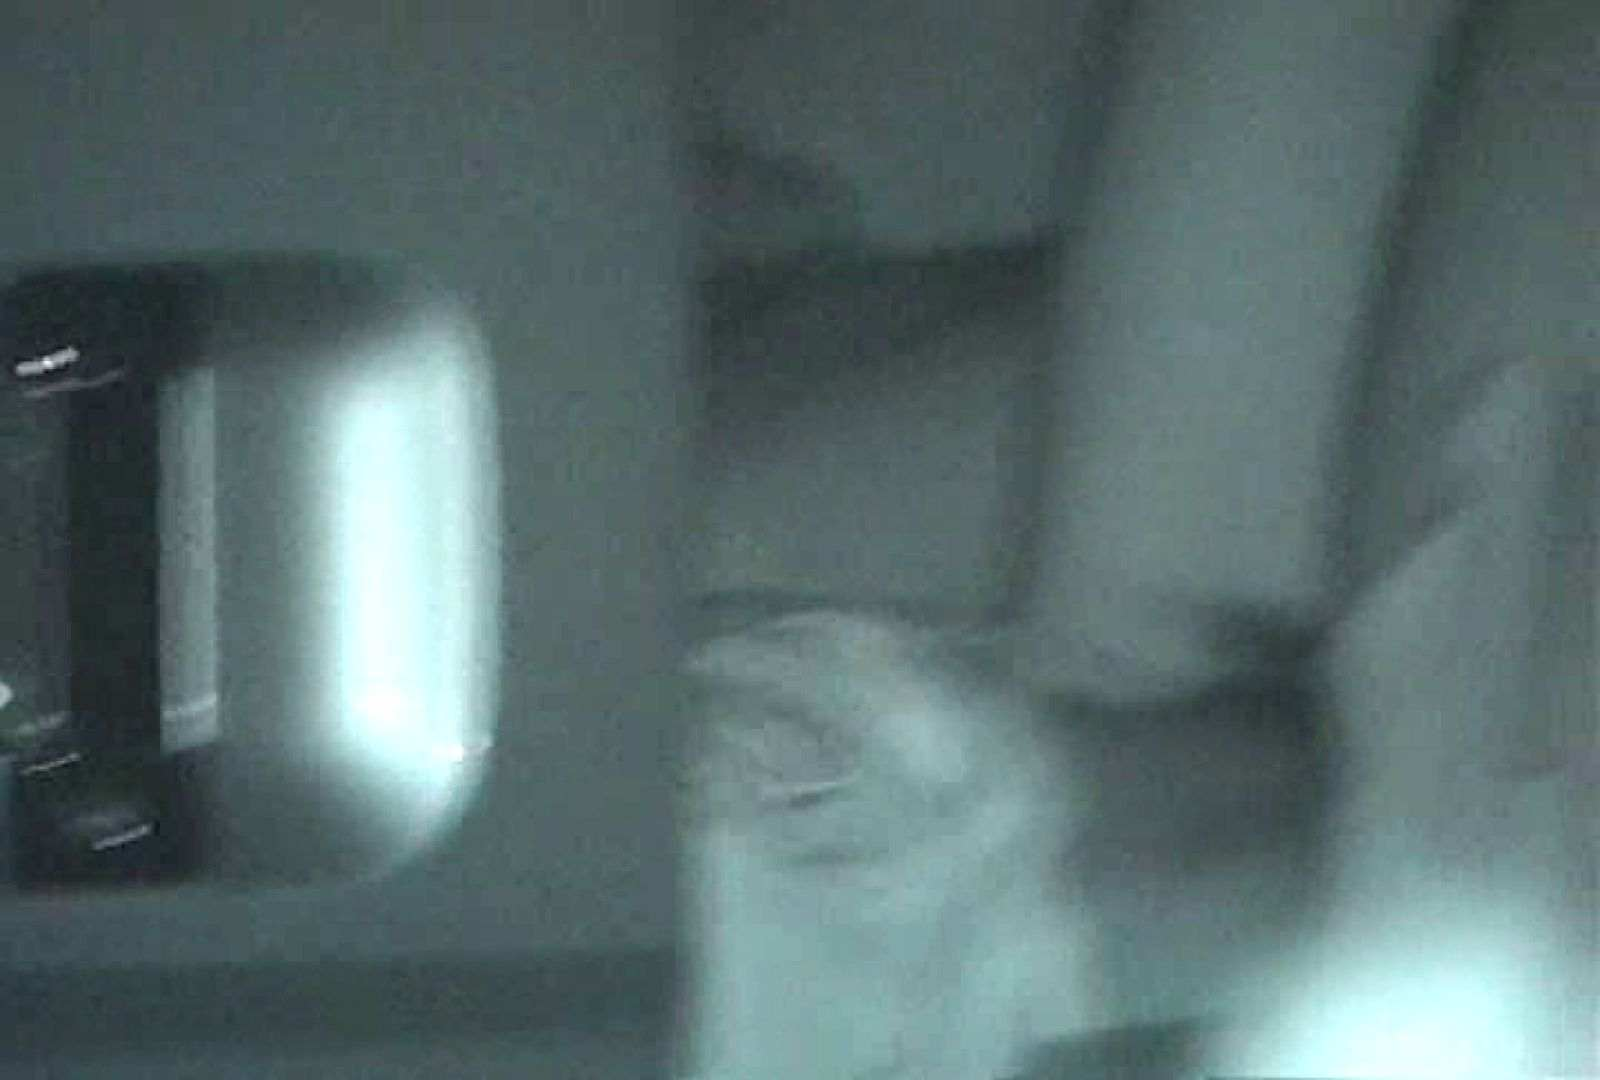 充血監督の深夜の運動会Vol.45 OLの実態 のぞき動画画像 55pic 38